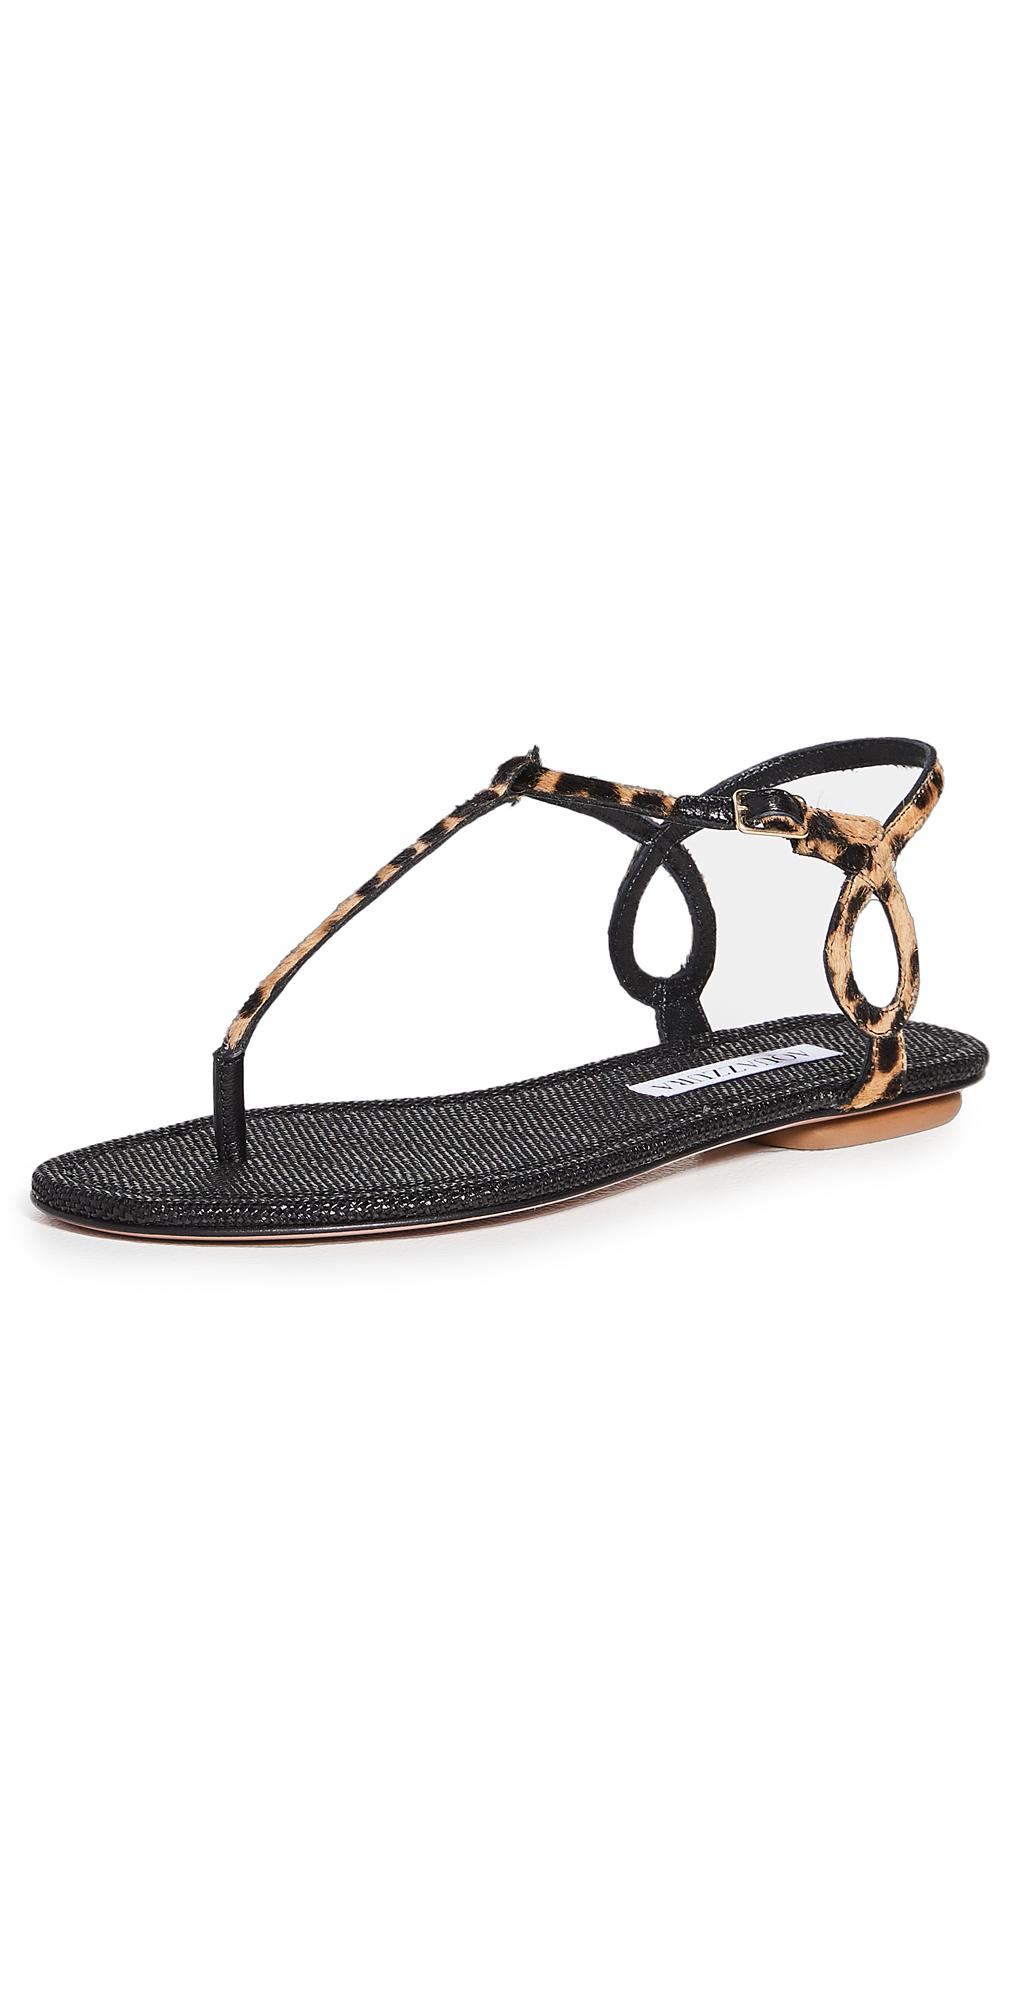 Aquazzura Almost Bare Pony Flat Sandals